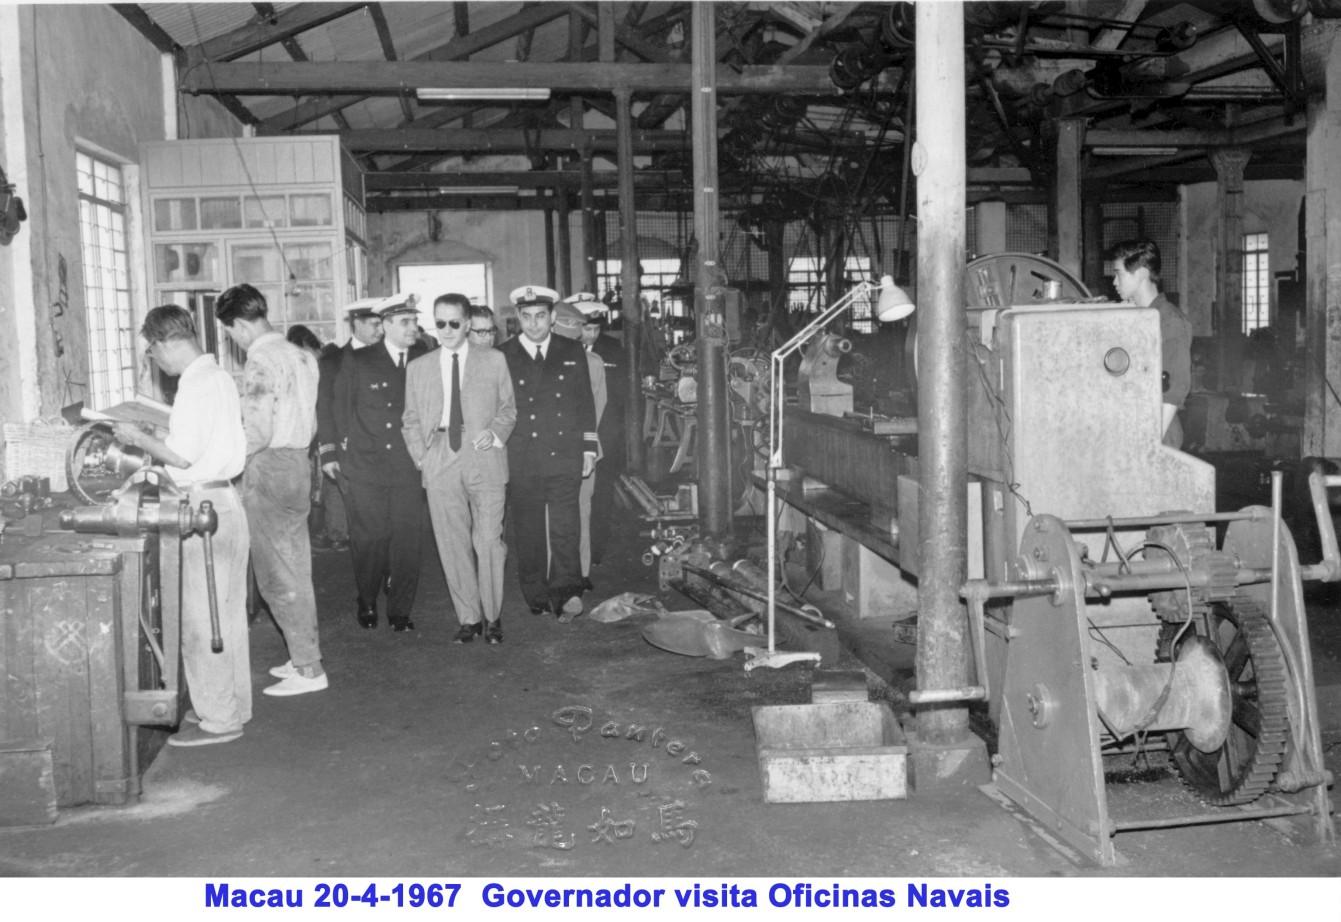 052 67-02-20 Governador visita Oficinas Navais